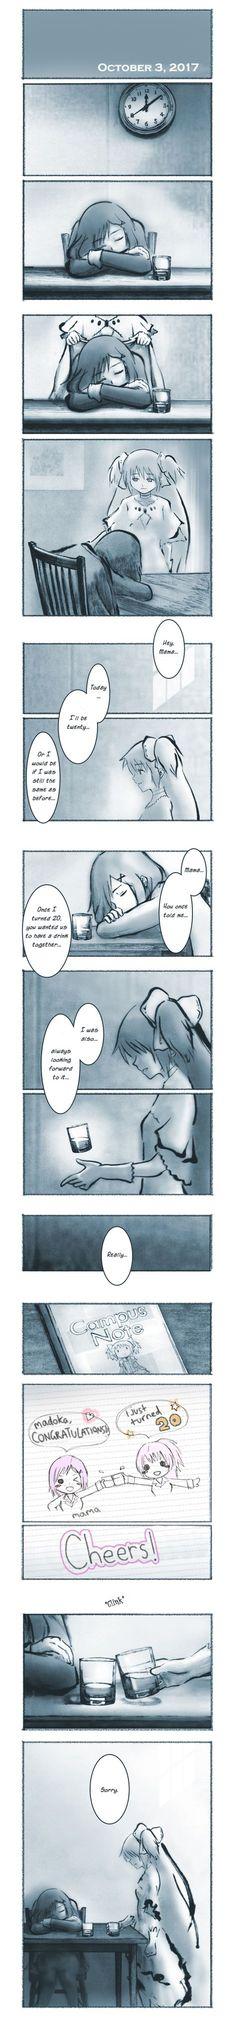 I shed a tear>>NOT OK